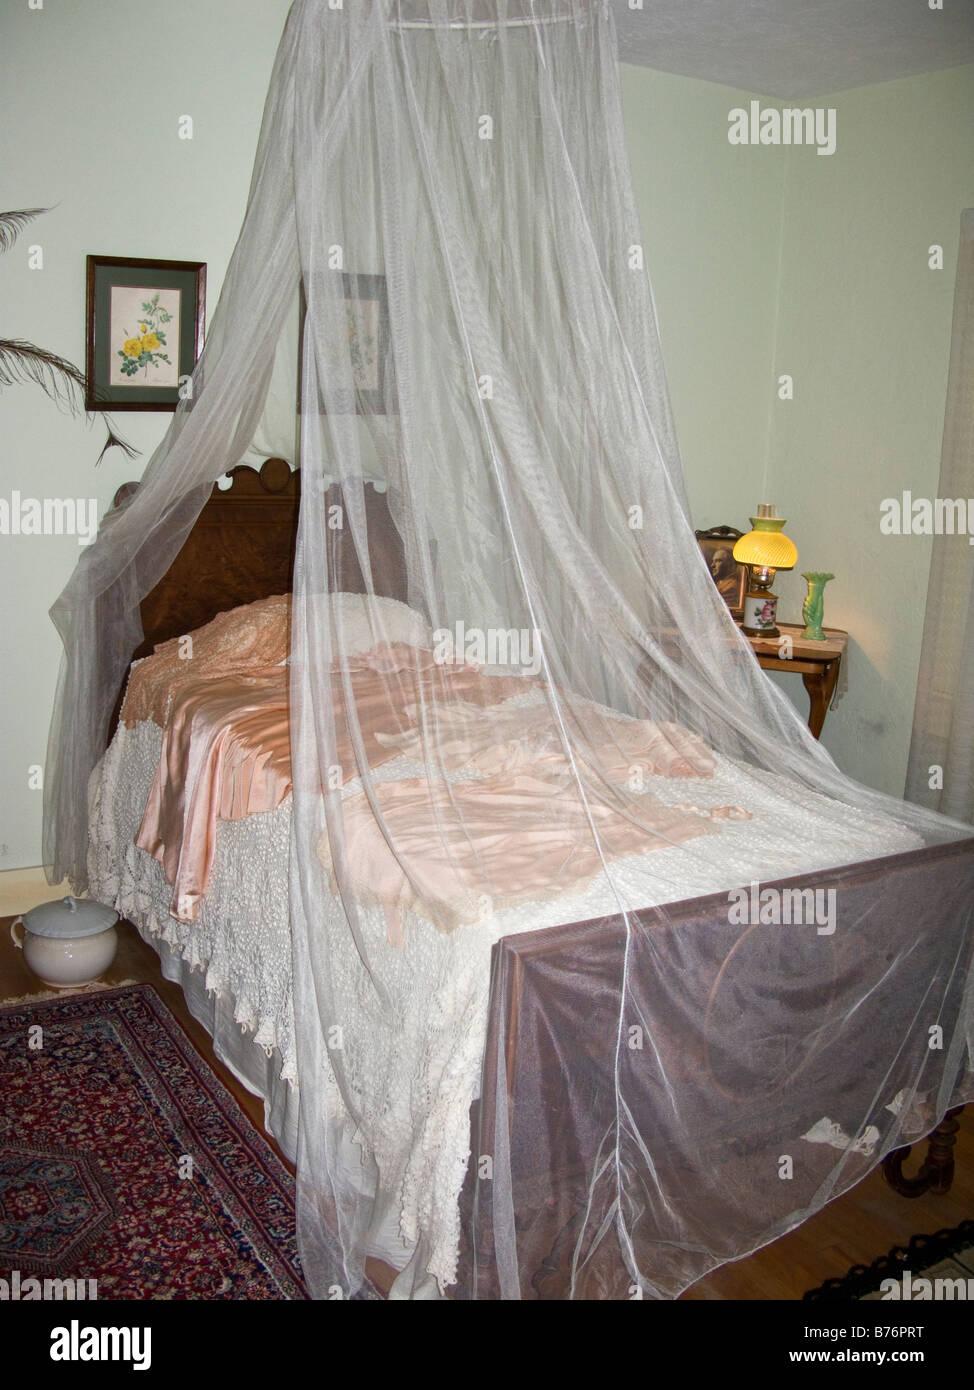 Zanzariere intorno al letto in stile anni \'30 American ...